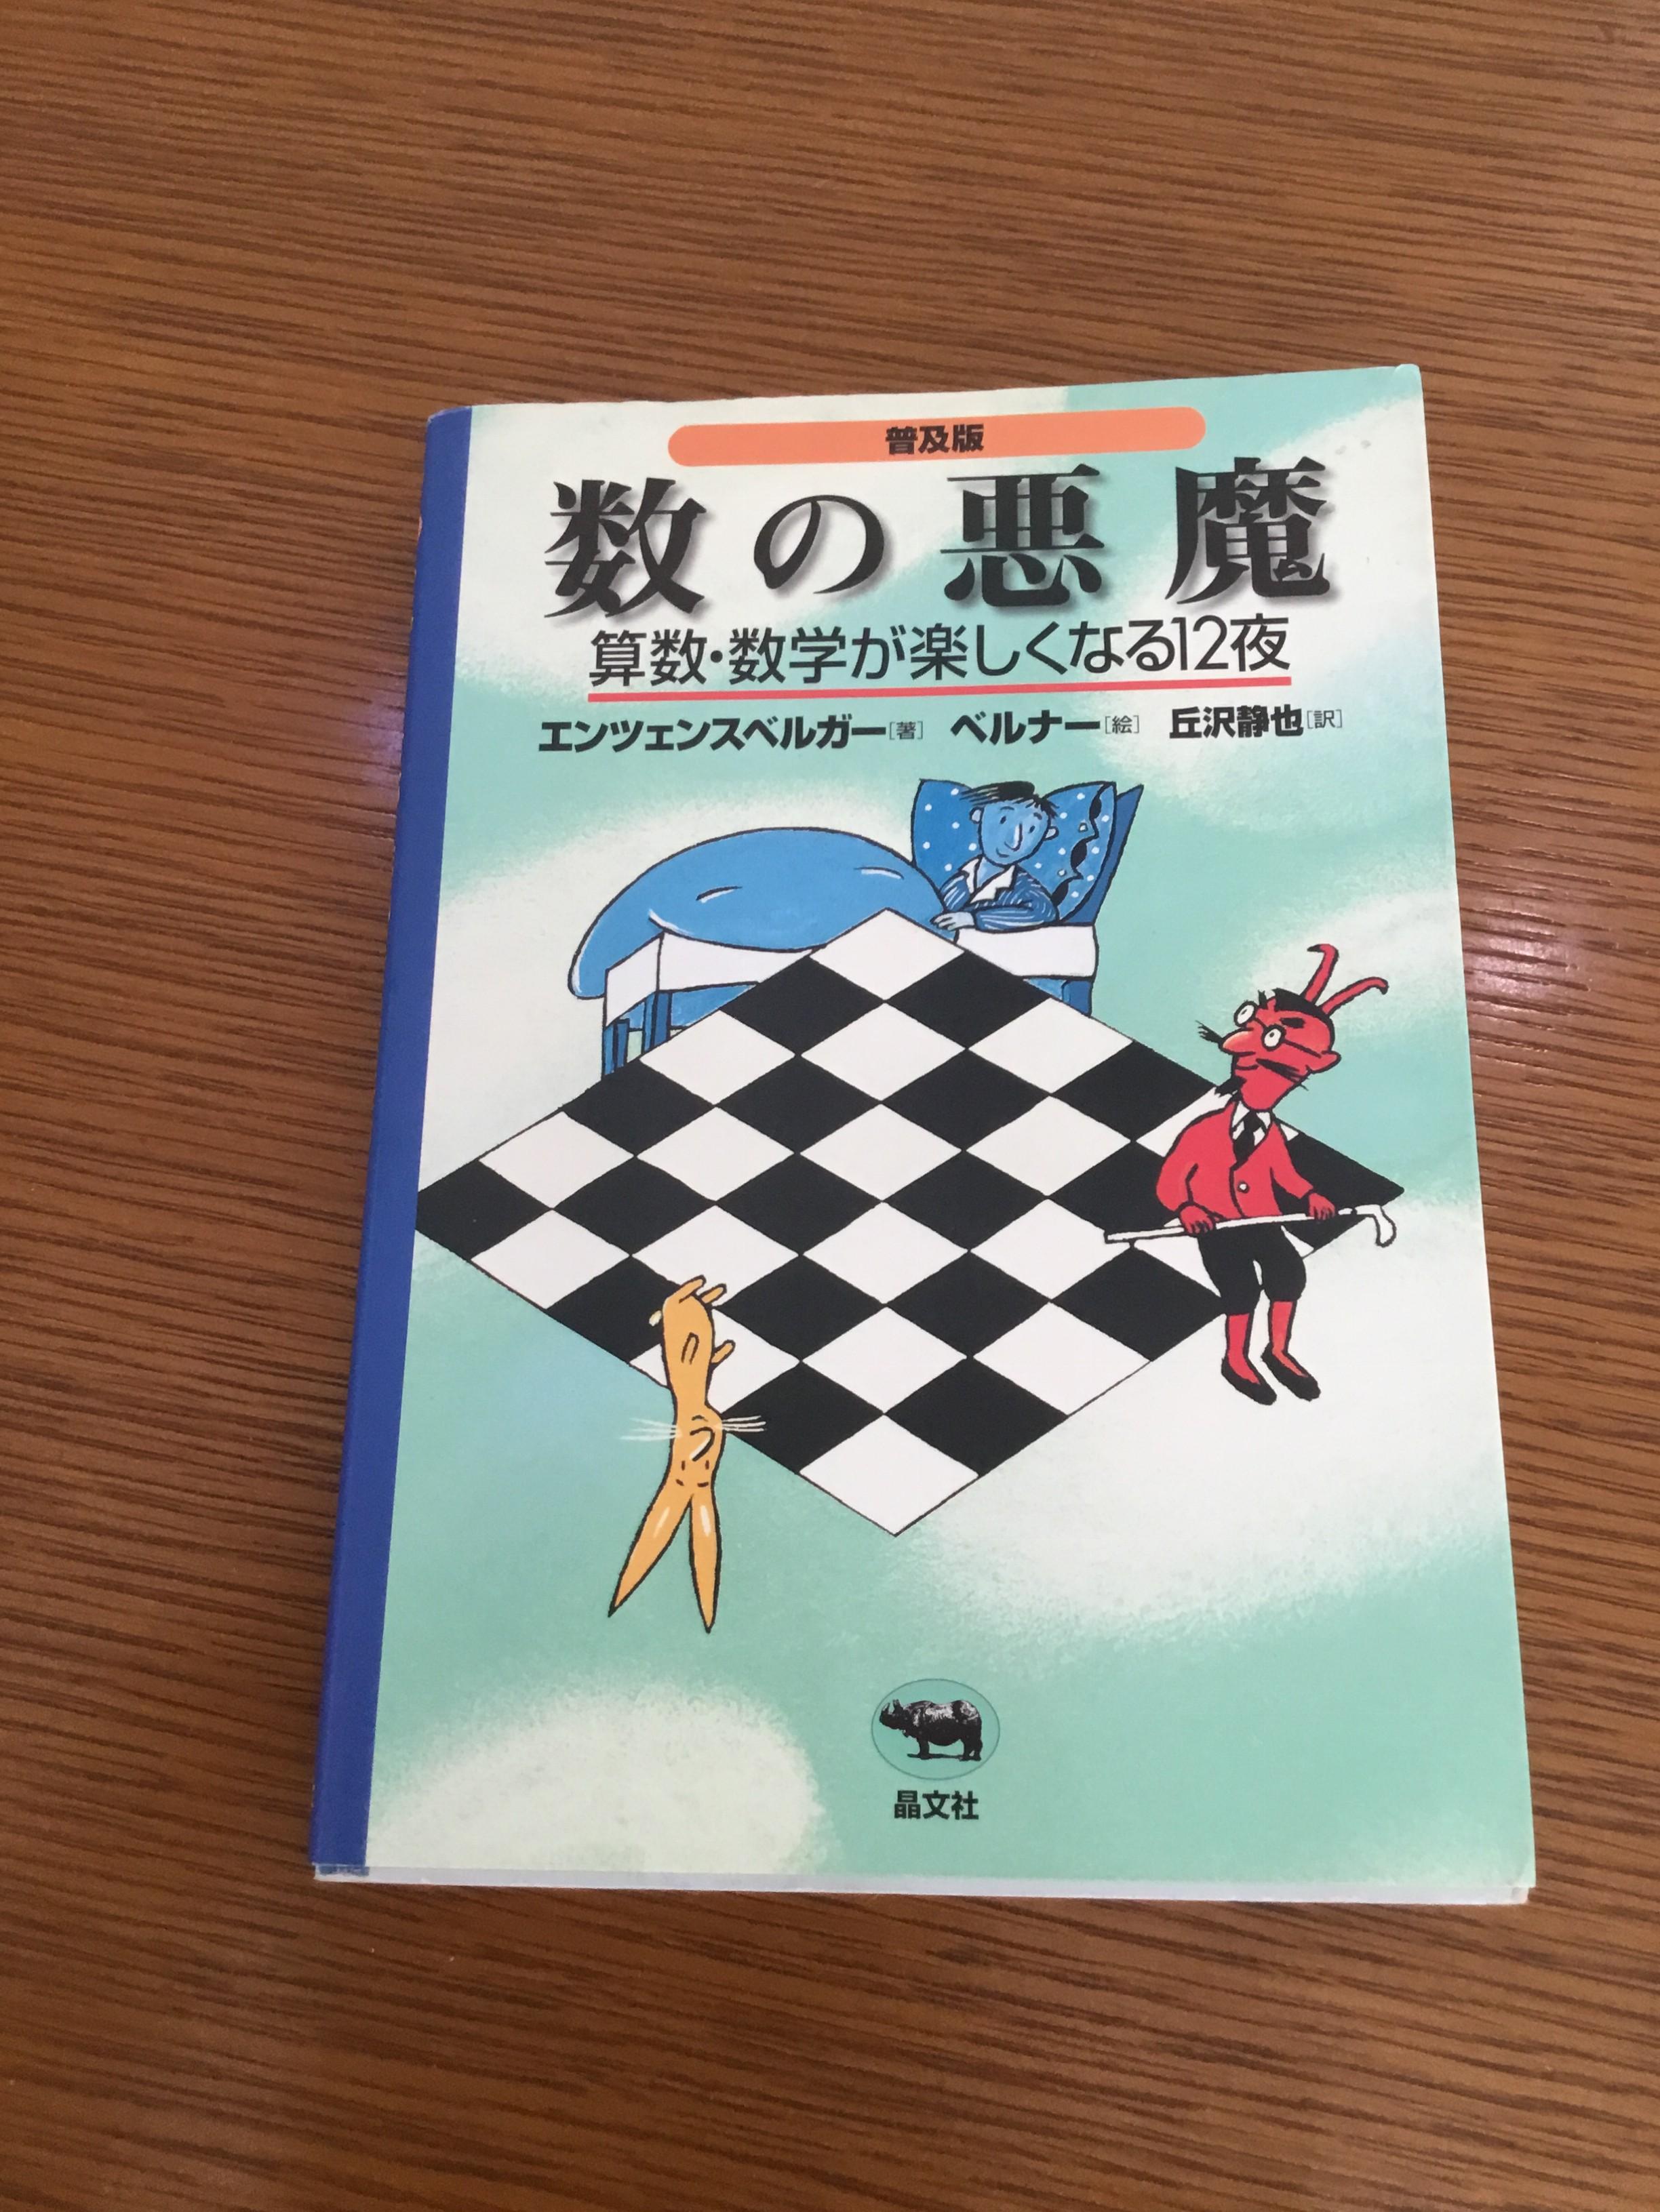 斎藤センセイが子どもたちに読んでほしい本  その1